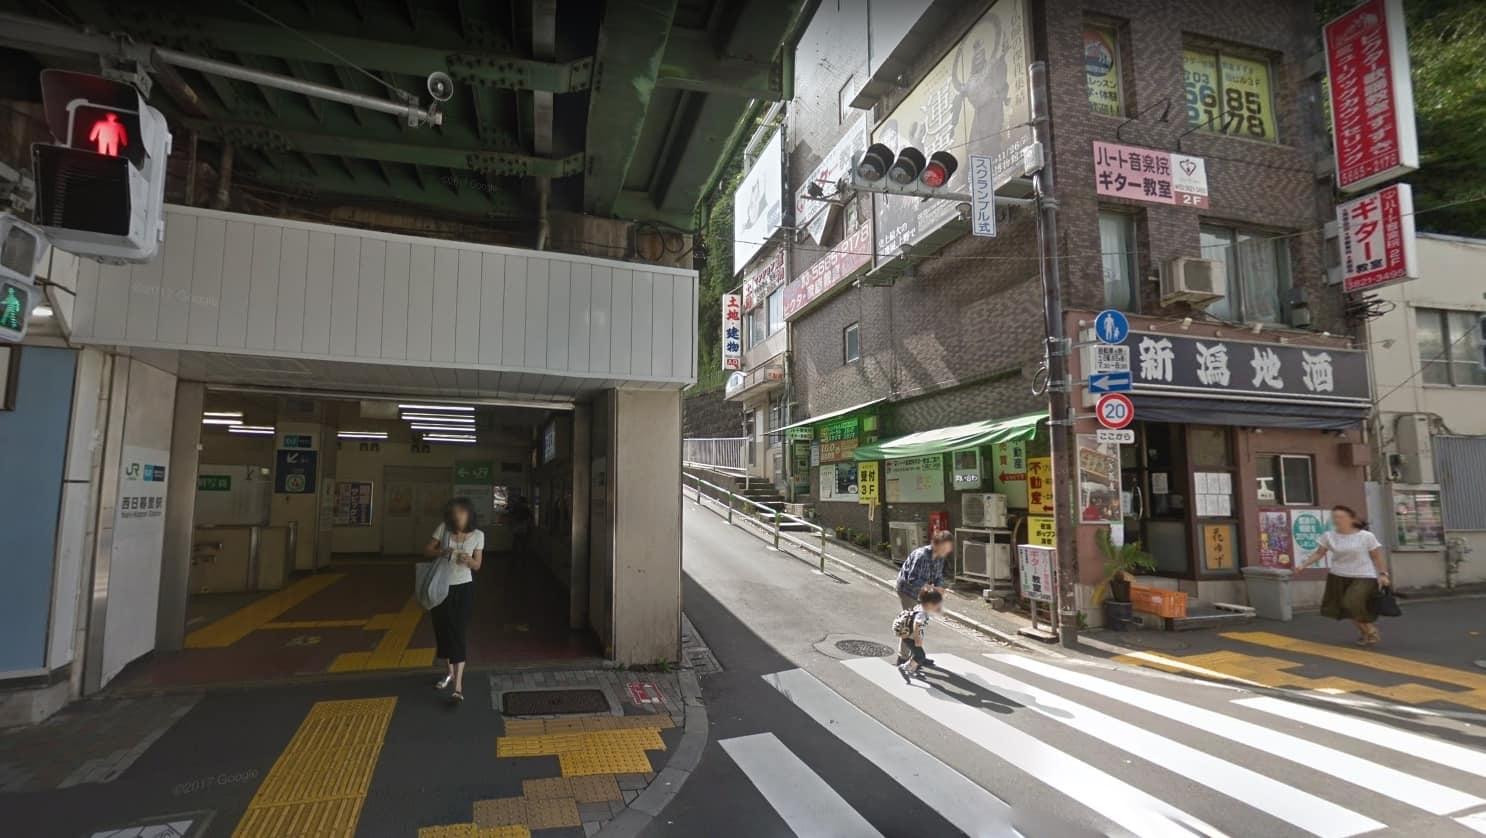 西日暮里駅西口前の風景